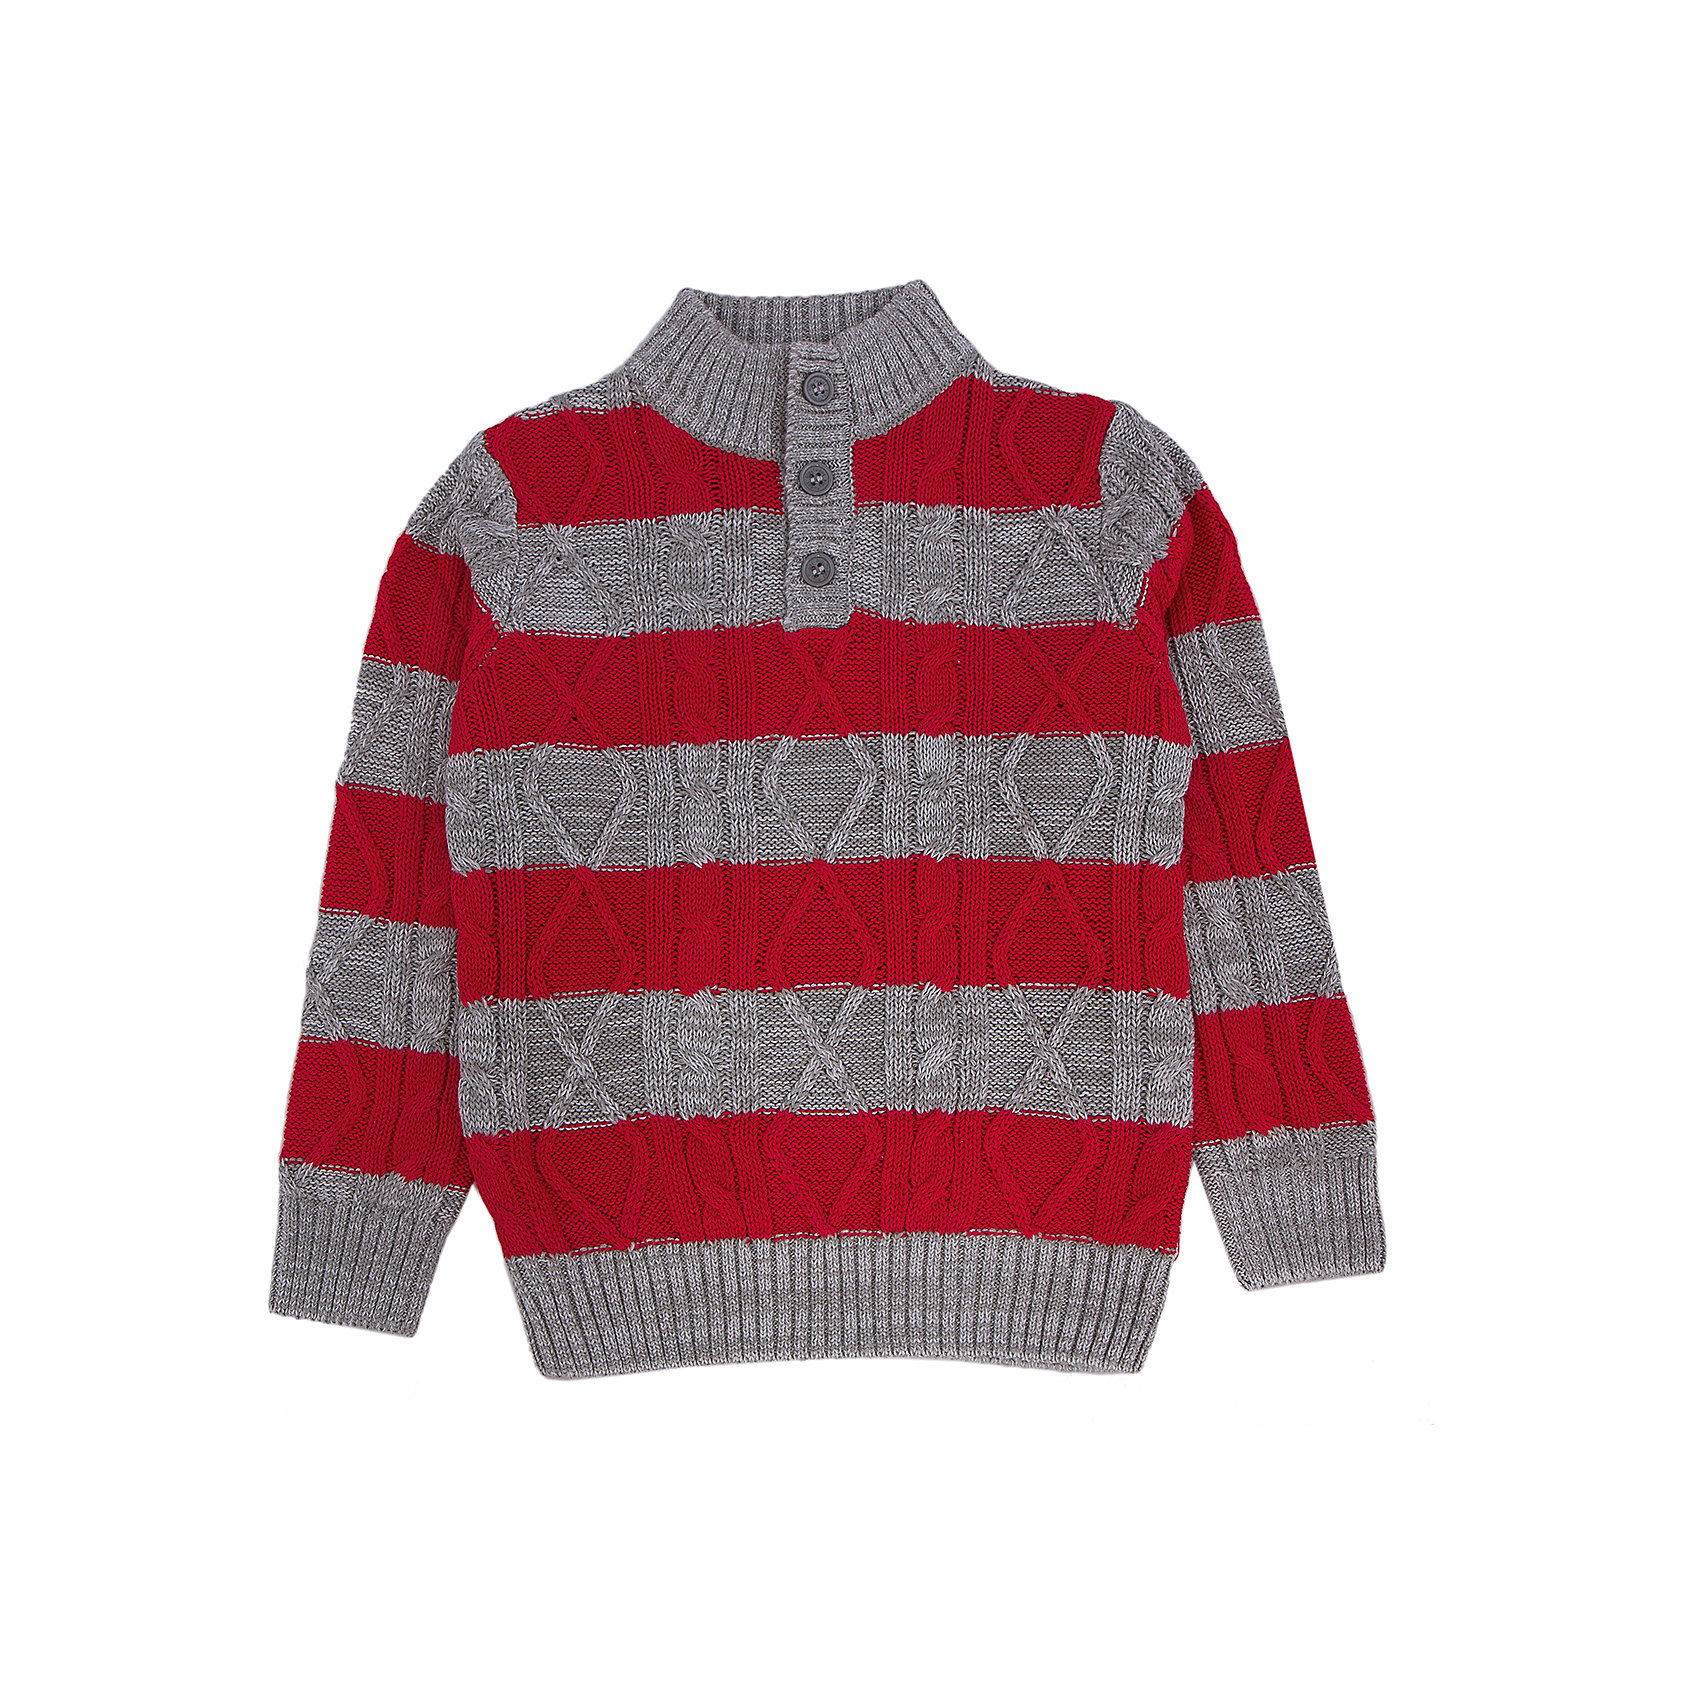 Свитер для мальчика PlayTodayСвитера и кардиганы<br>Свитер для мальчика от известного бренда PlayToday.<br>Уютный свитер с высоким воротником из мягкого вязаного трикотажа. Украшена контрастными красными полосками и фактурной вязкой. Застегивается на 3 пуговицы на воротнике. Рукава и низ на мягкой вязаной резинке.<br>Состав:<br>60% хлопок, 38% акрил, 2% эластан<br><br>Ширина мм: 190<br>Глубина мм: 74<br>Высота мм: 229<br>Вес г: 236<br>Цвет: разноцветный<br>Возраст от месяцев: 72<br>Возраст до месяцев: 84<br>Пол: Мужской<br>Возраст: Детский<br>Размер: 122,104,128,110,98,116<br>SKU: 4896894